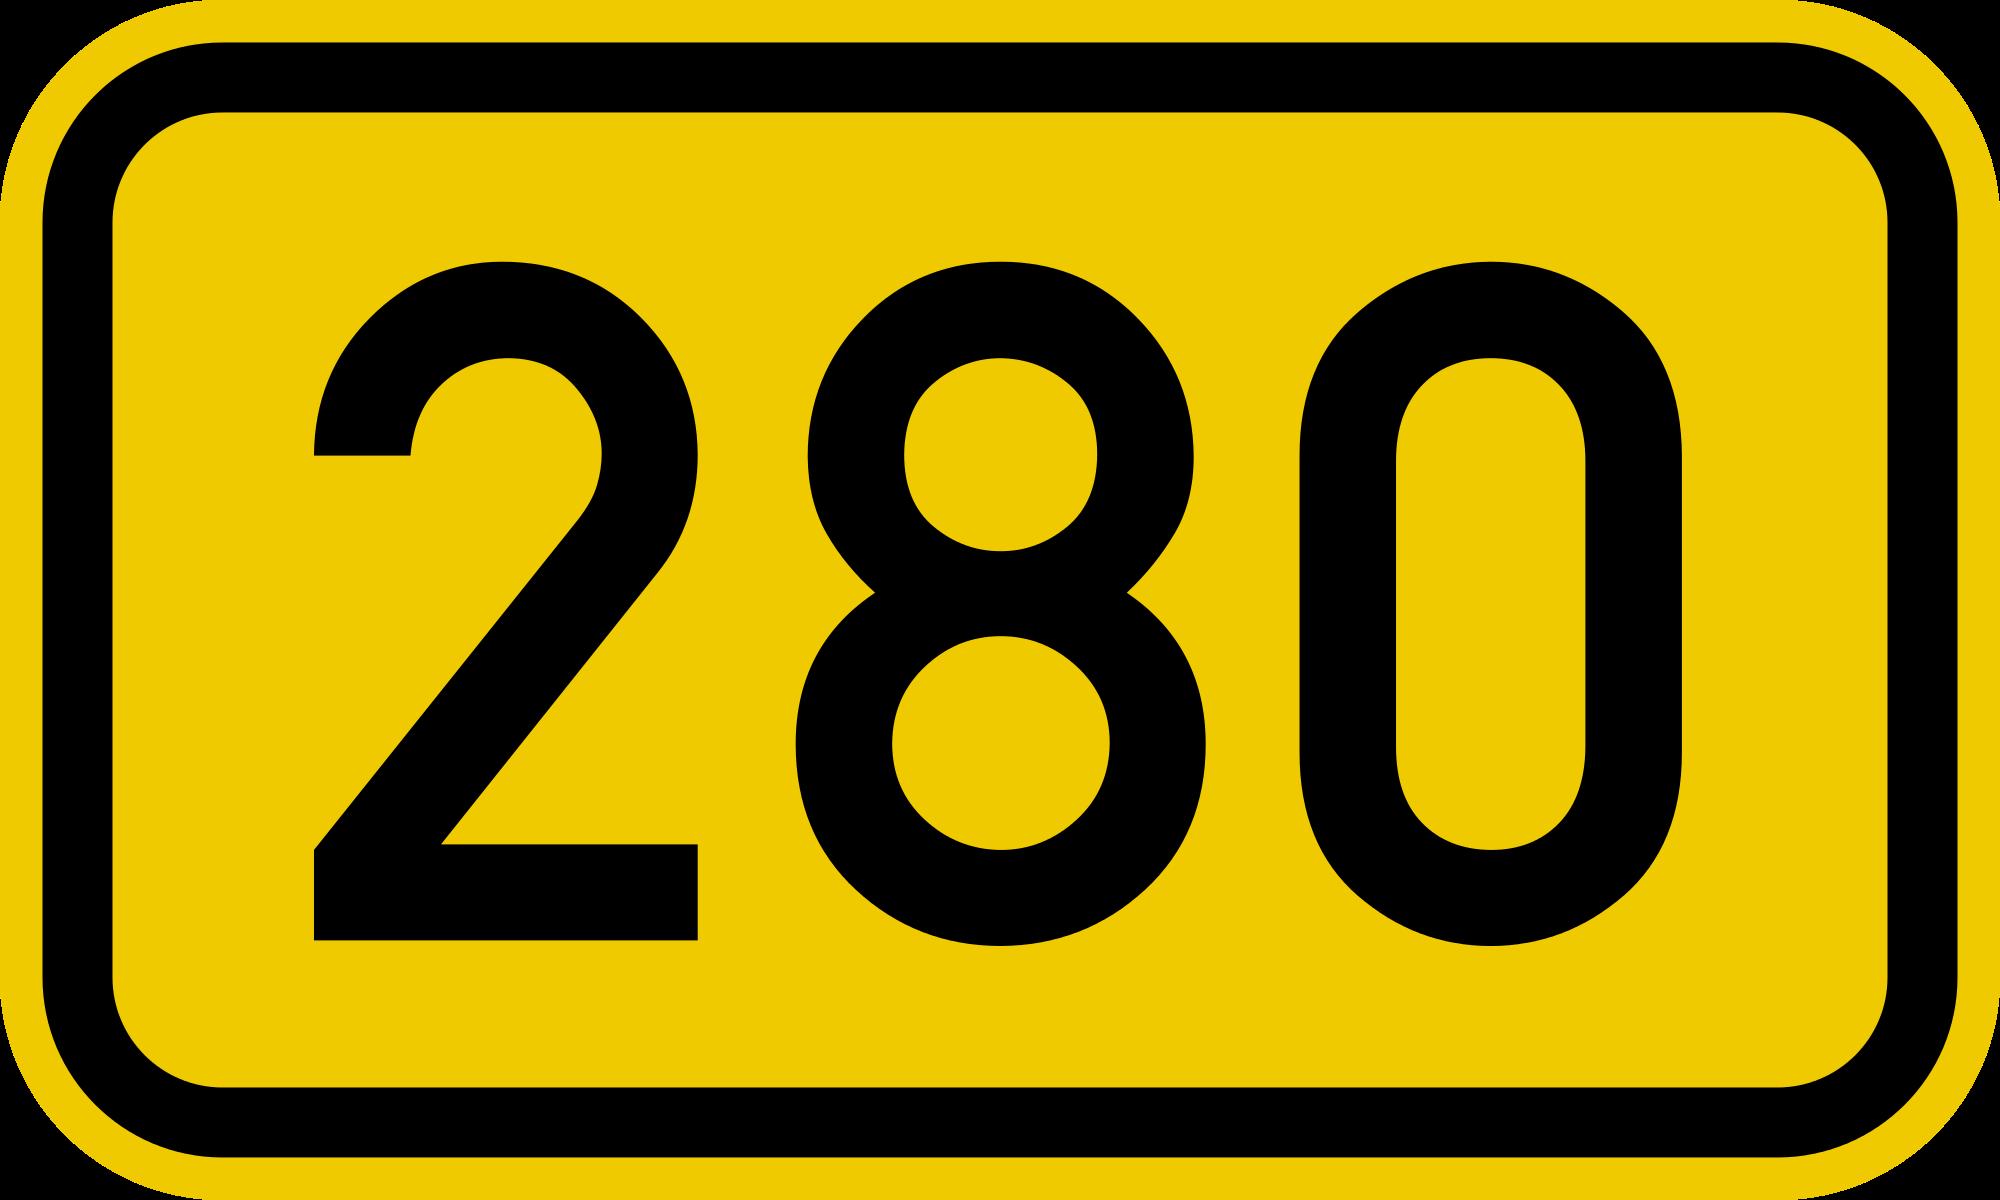 Bundesstraße 280